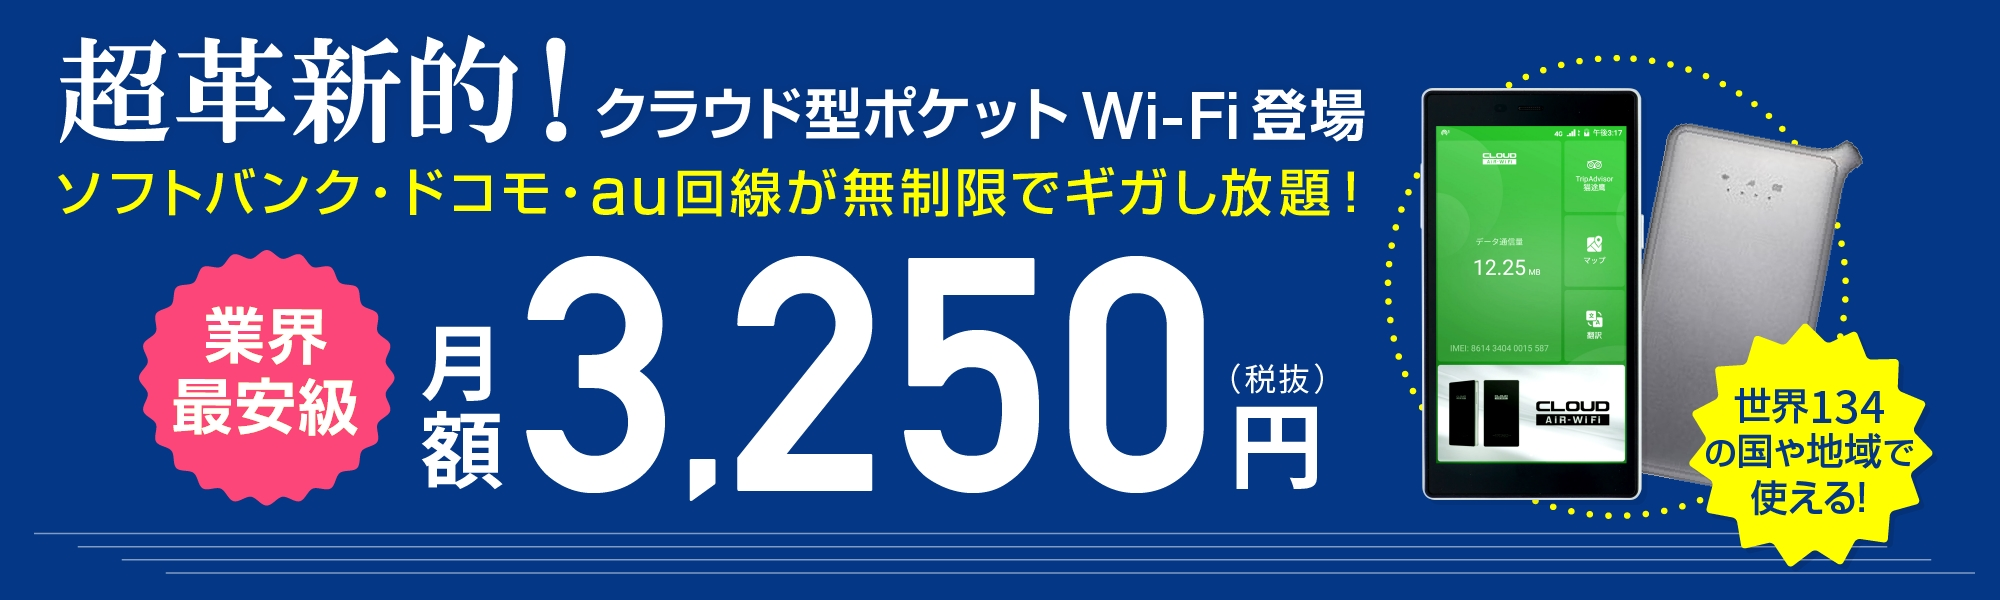 ギガWi-Fiの料金